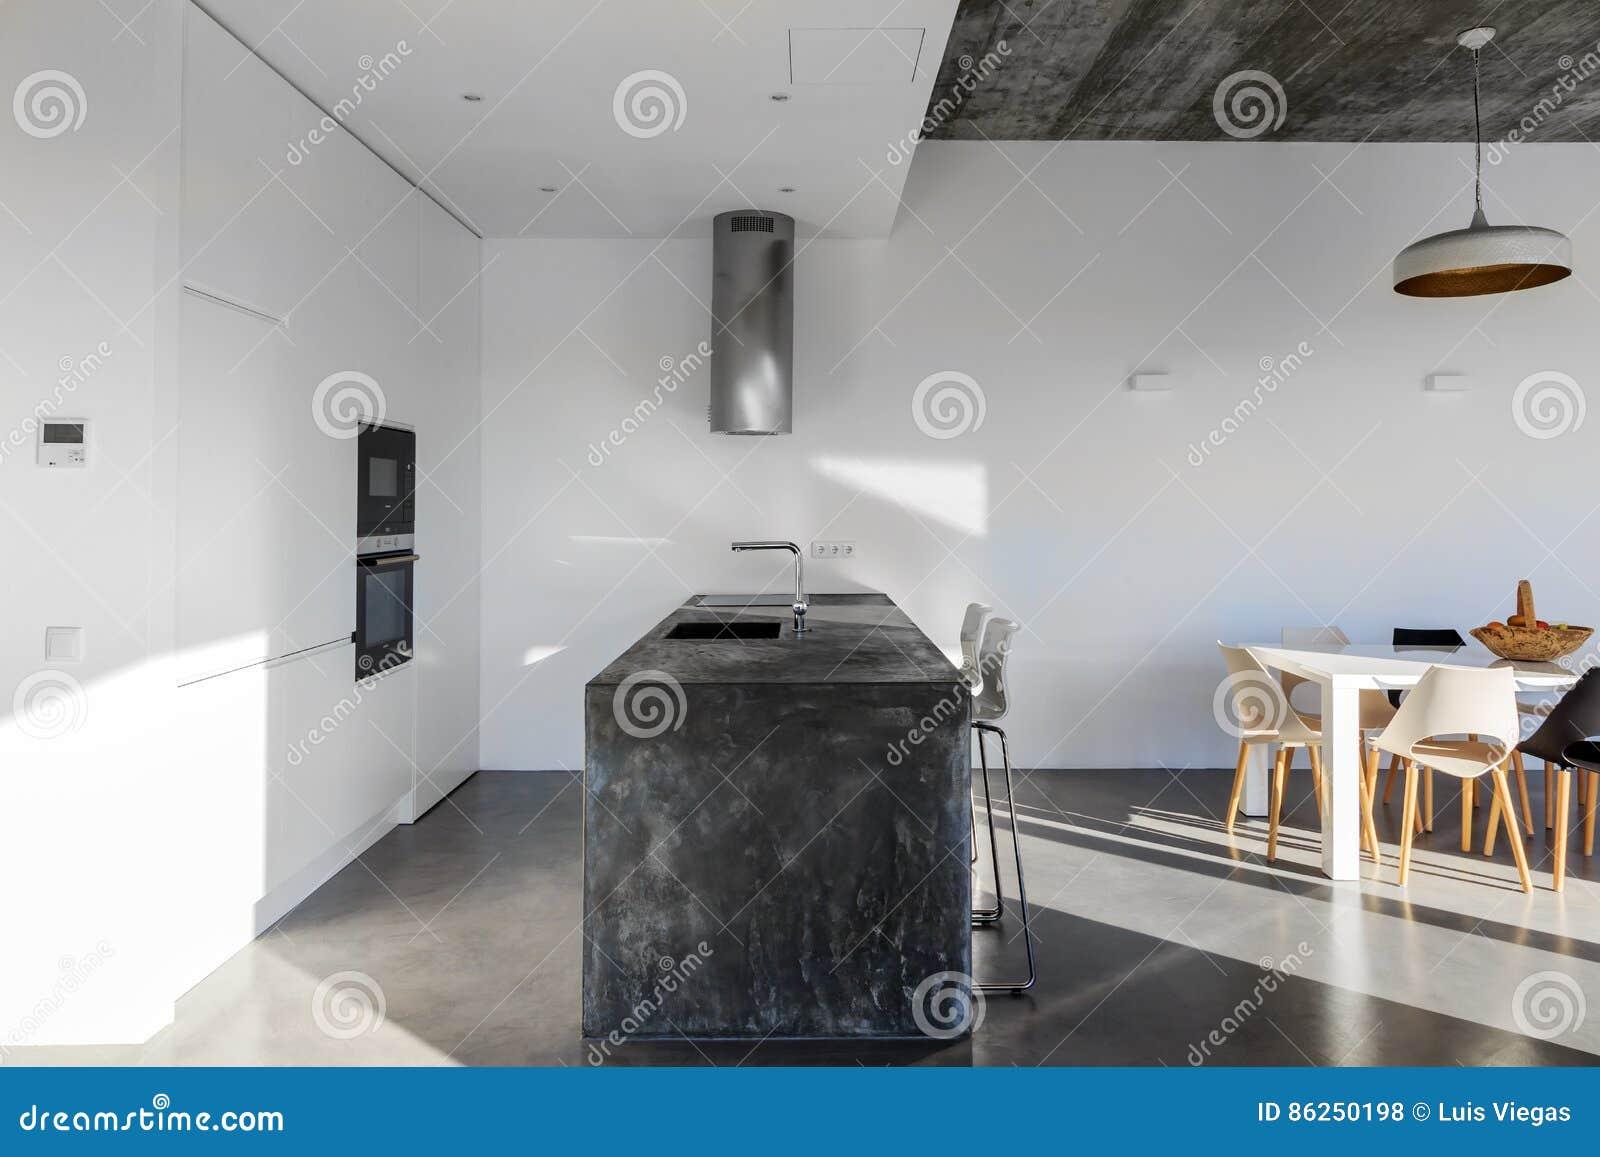 Grijze Moderne Keuken : Moderne keuken met grijze tegelvloer en witte muur stock foto